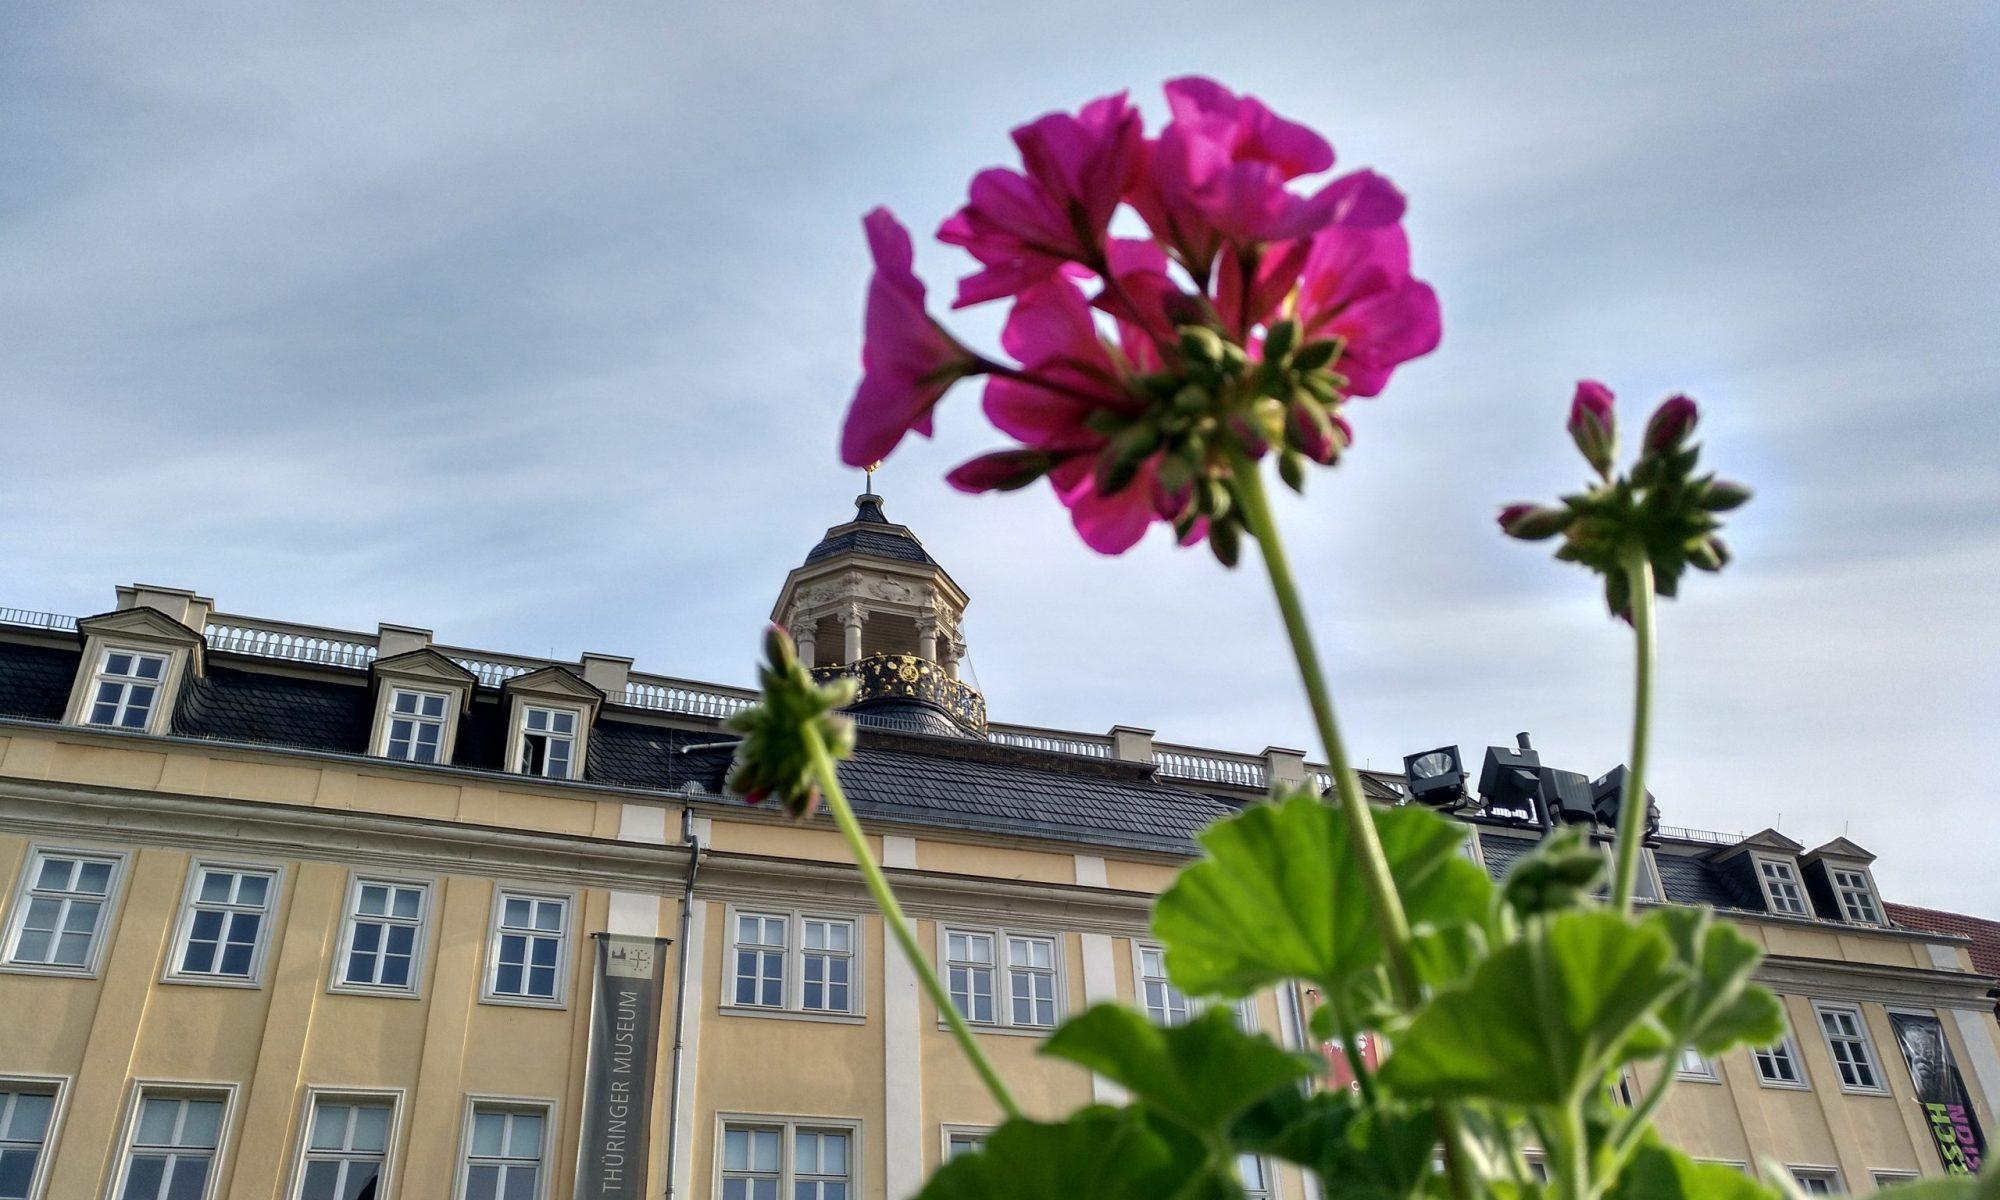 Die Gärtnerei Maurer in Eisenach